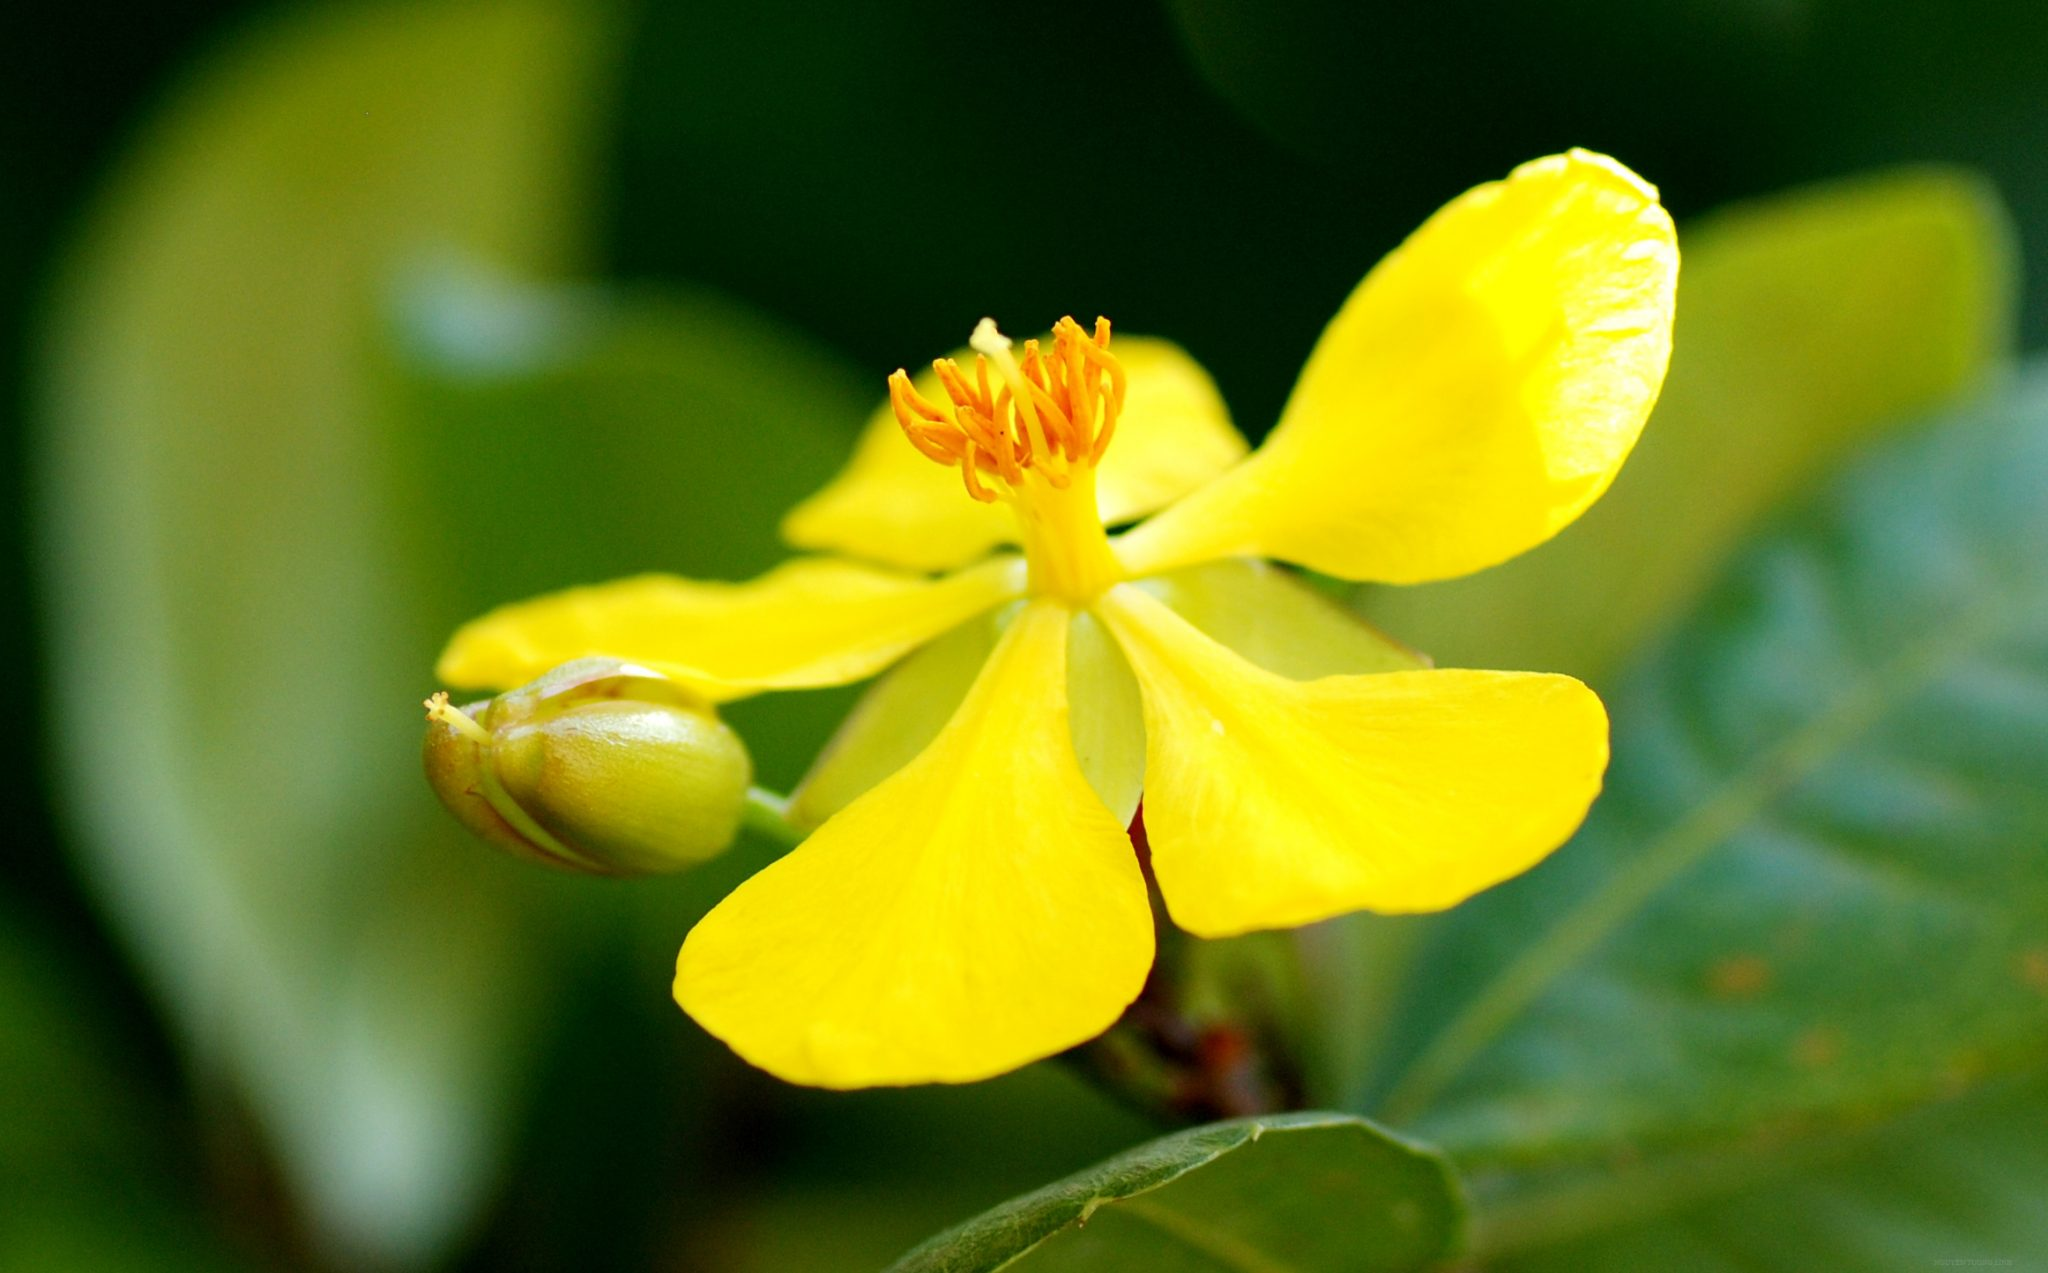 Hoa-hoa-nở-hoa-đẹp-tết-2016-21